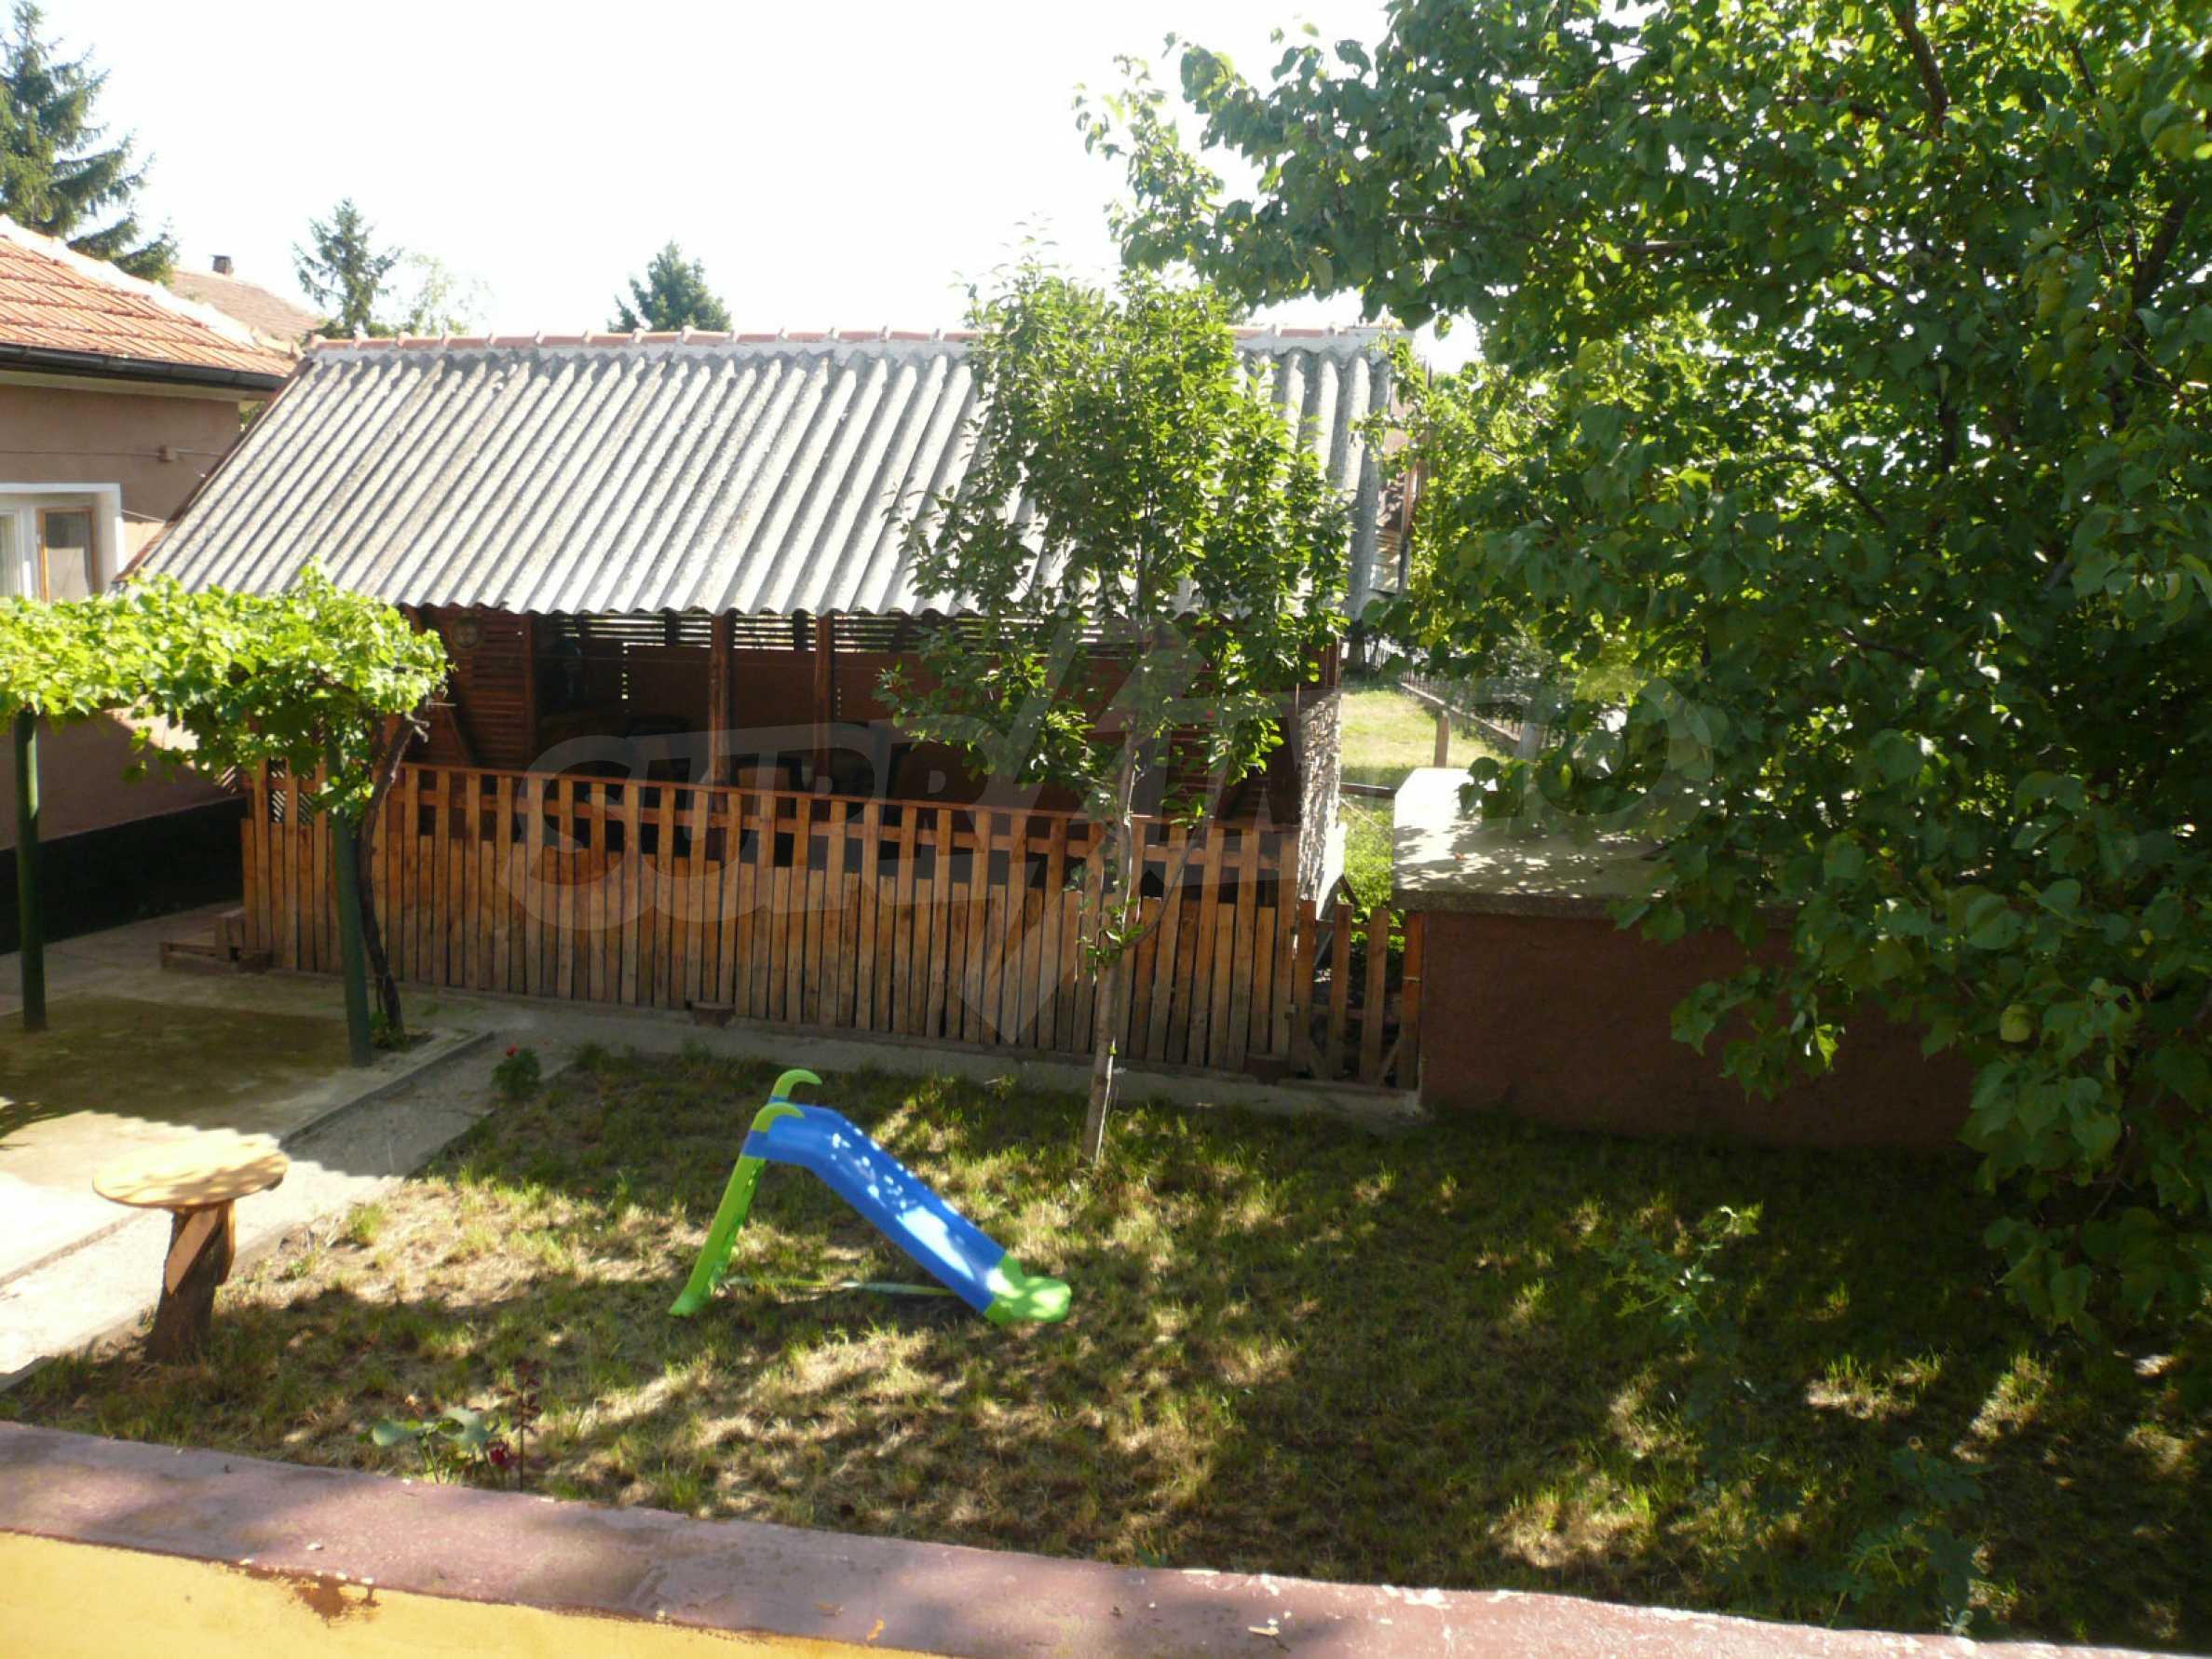 Ländliche Häuser mit einem Garten 12 km von Vidin entfernt 3